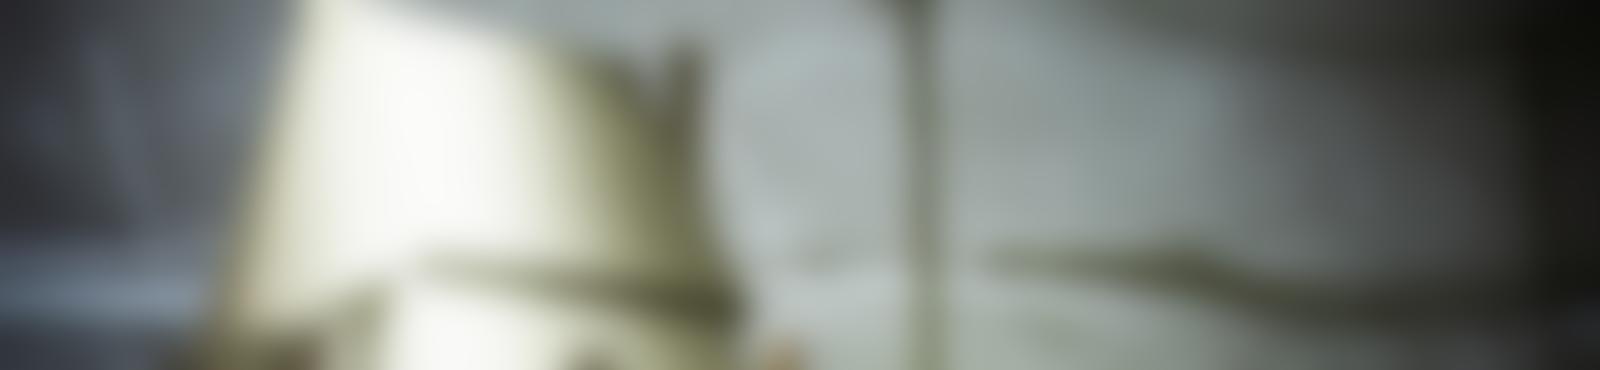 Blurred e4785925 a8d2 40b4 b474 f04b6e3f1c0e